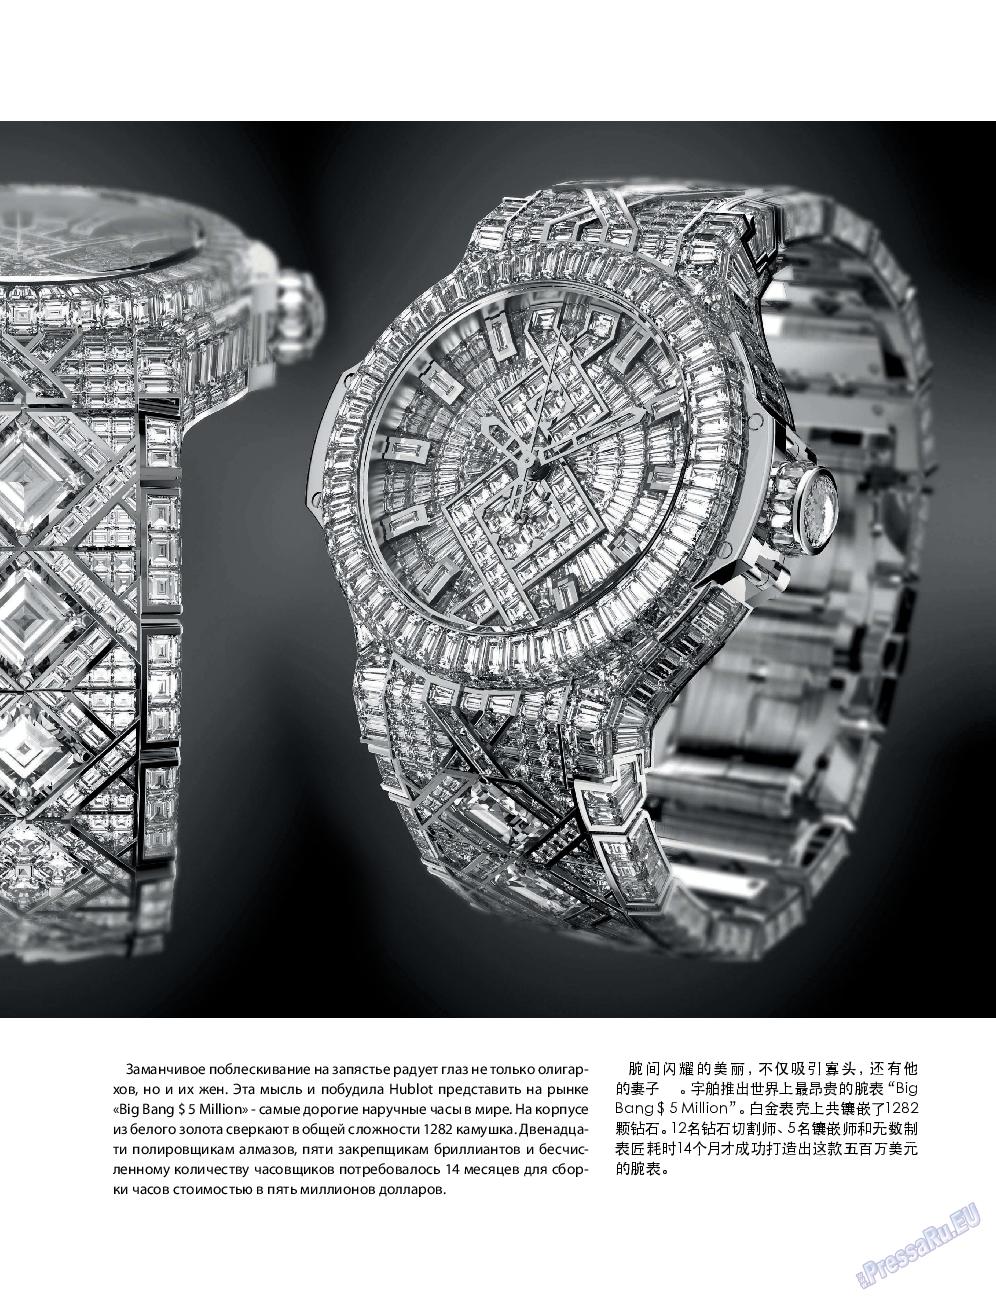 Клан (журнал). 2013 год, номер 5, стр. 91